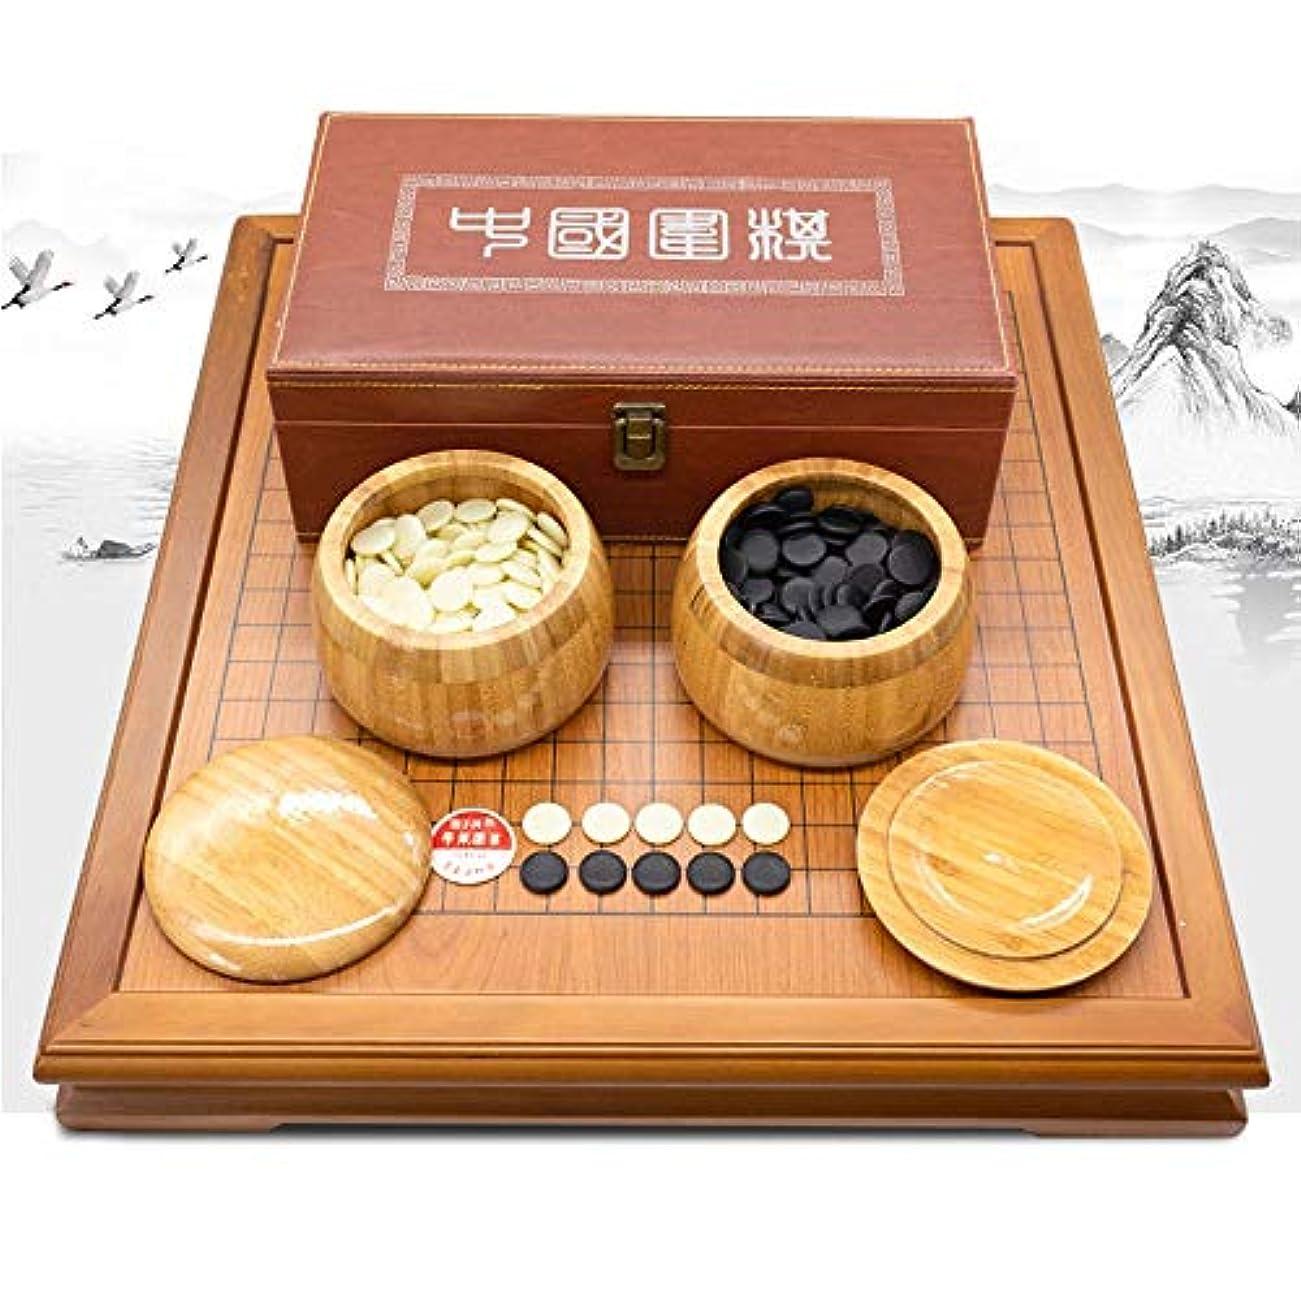 農民米ドル分割Sviper-toys Go Chess 中国戦略ボードゲーム GOセット 竹製ゴーボードとボウルとストーン付き 2プレーヤークラシック 52cm48cm*6.5cm Opbsite